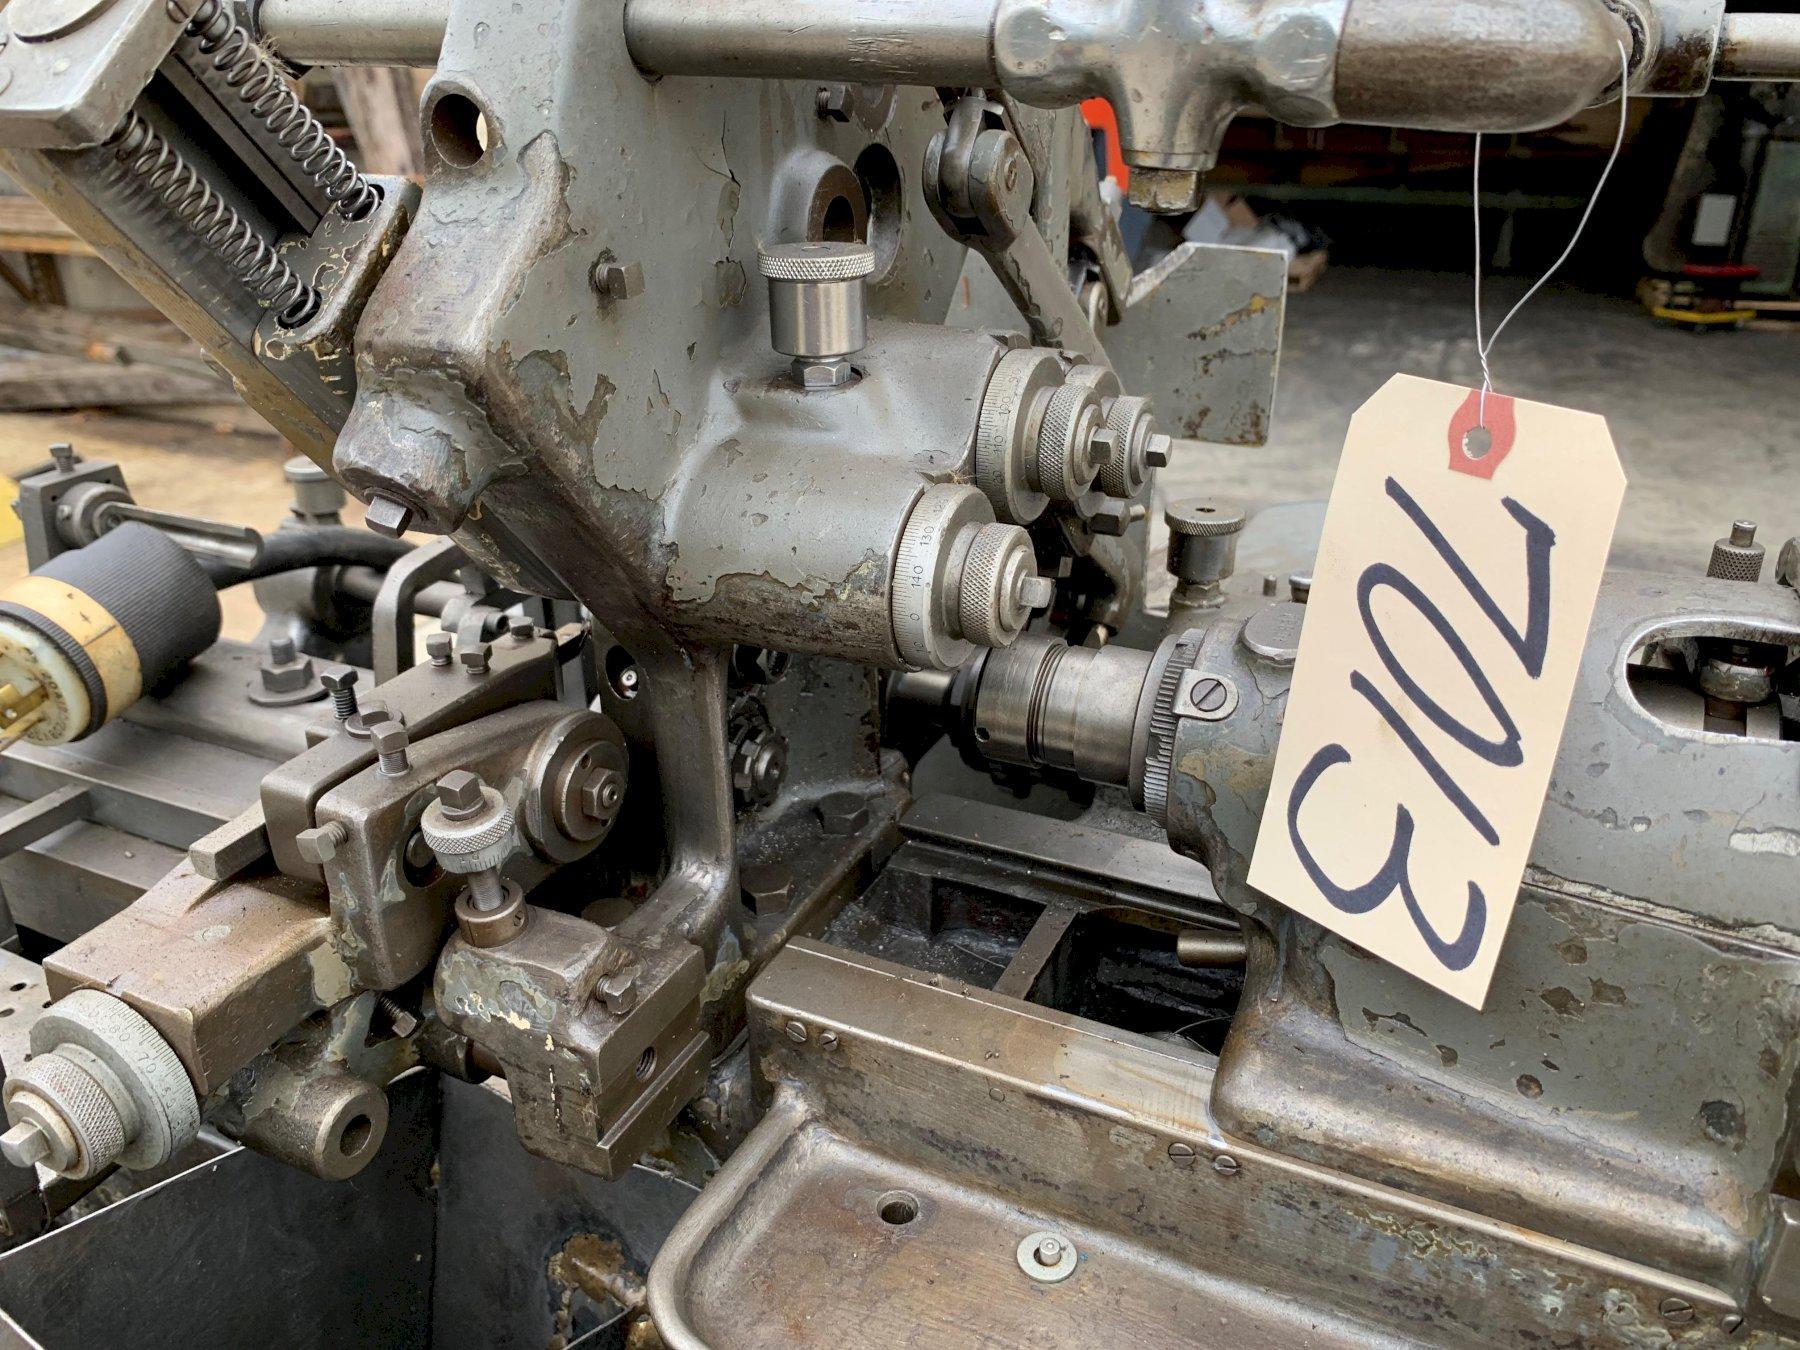 Tornos R10 Swiss Screw Machine